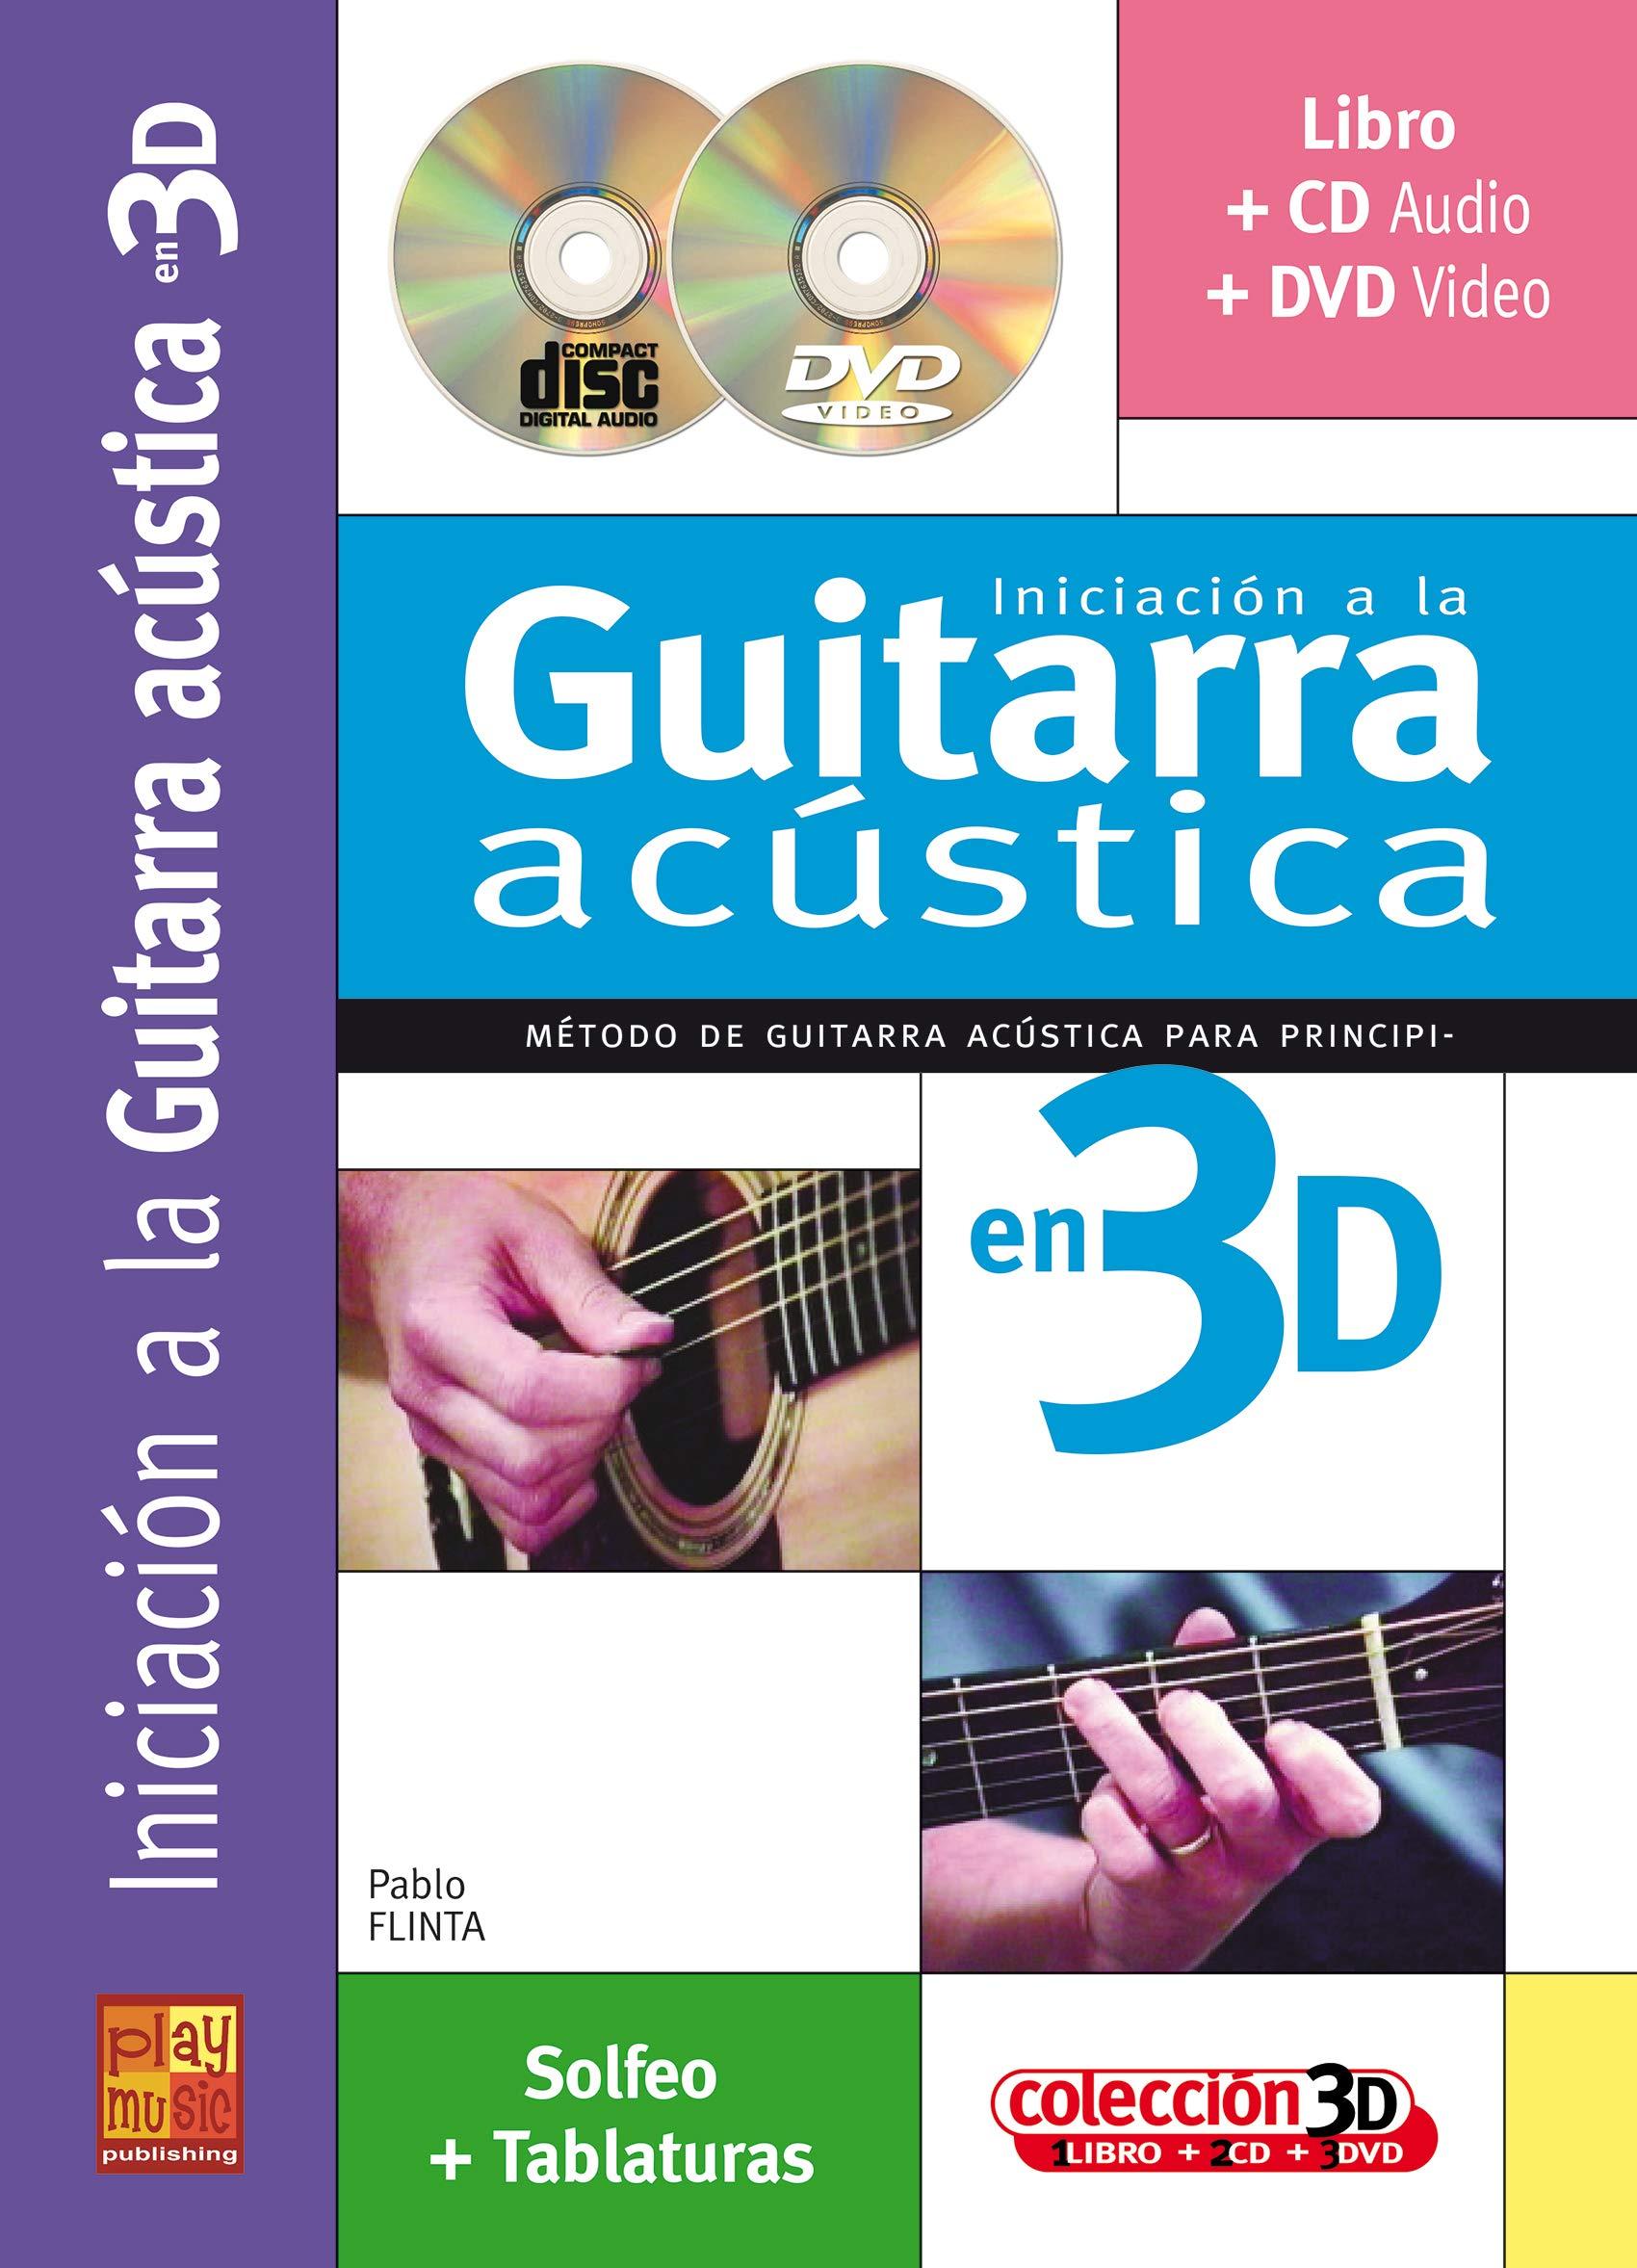 Iniciacion a la guitarra acústica en 3D - 1 Libro + 1 CD + 1 DVD ...